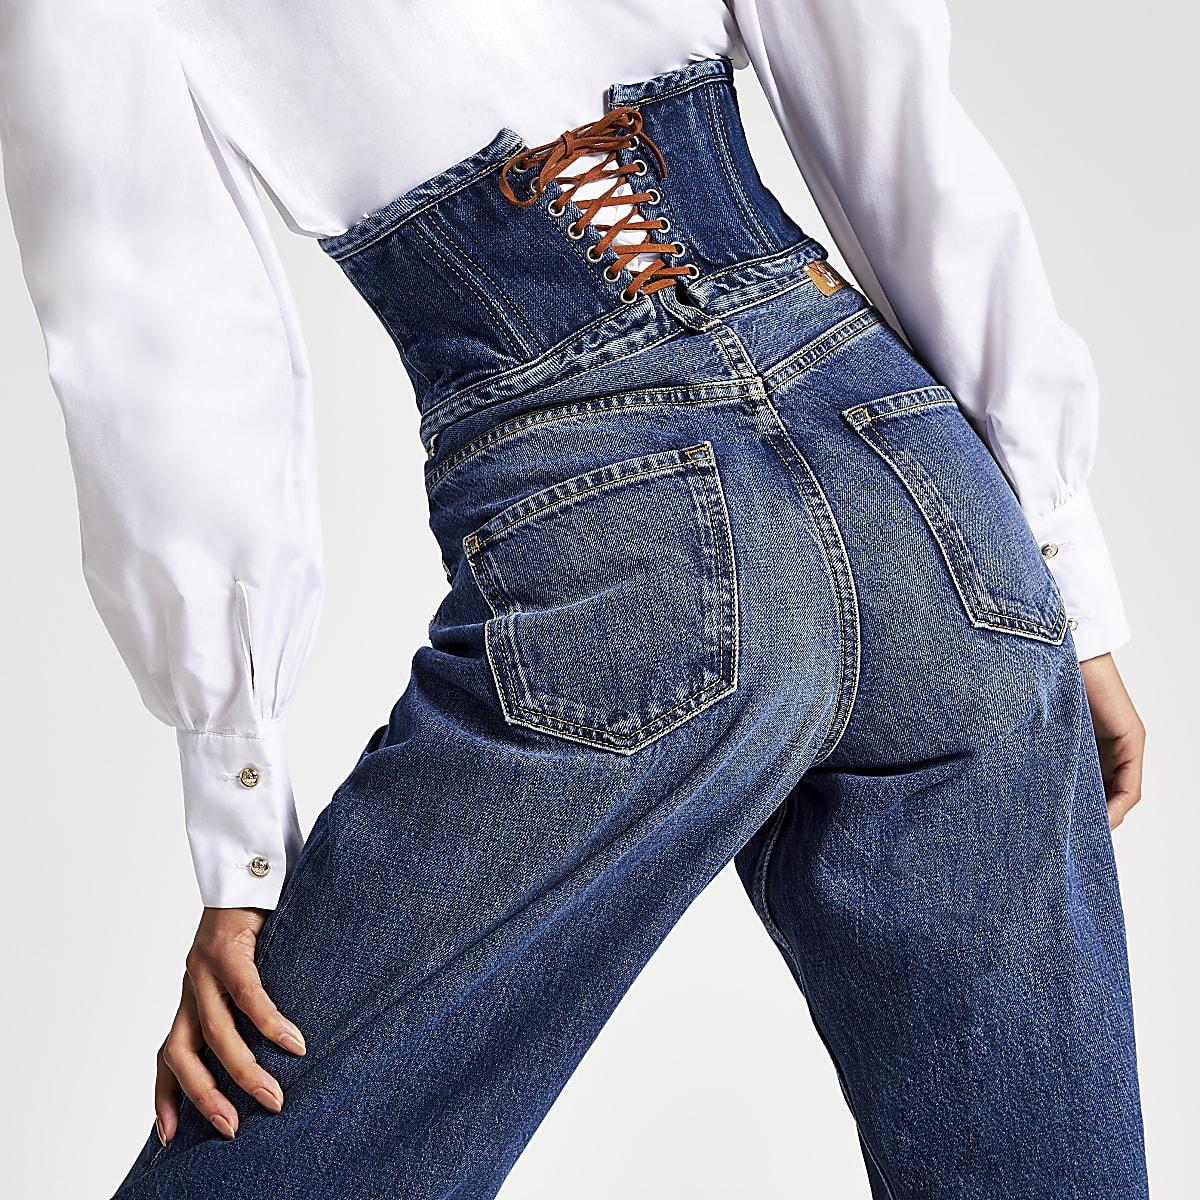 the latest bced0 97e9f Dua Lipa x Pepe Jeans denim corset